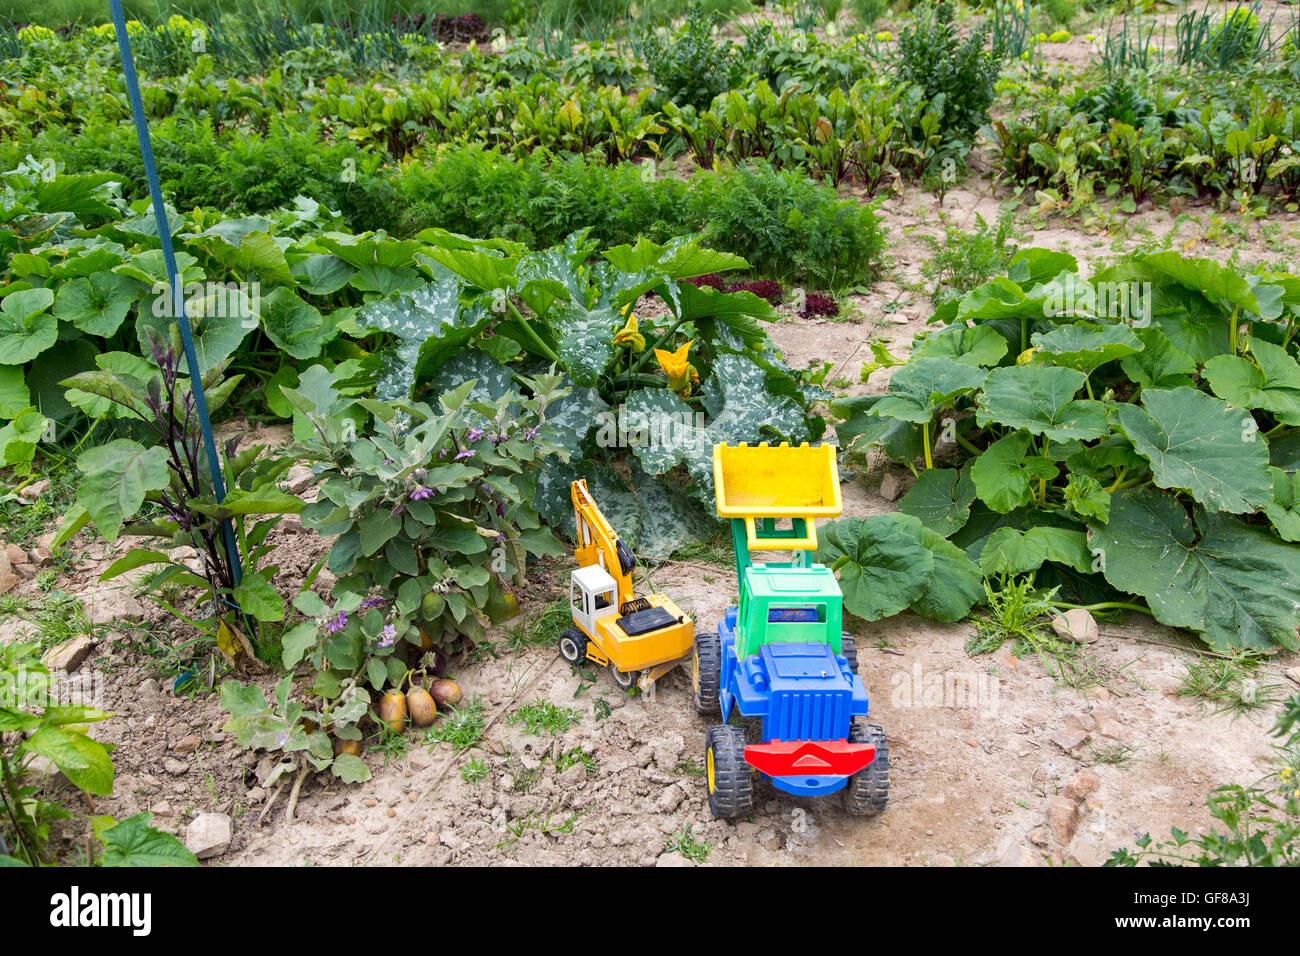 Kitchen garden, gardening, vegetable gardening, children's toys, Stock Photo